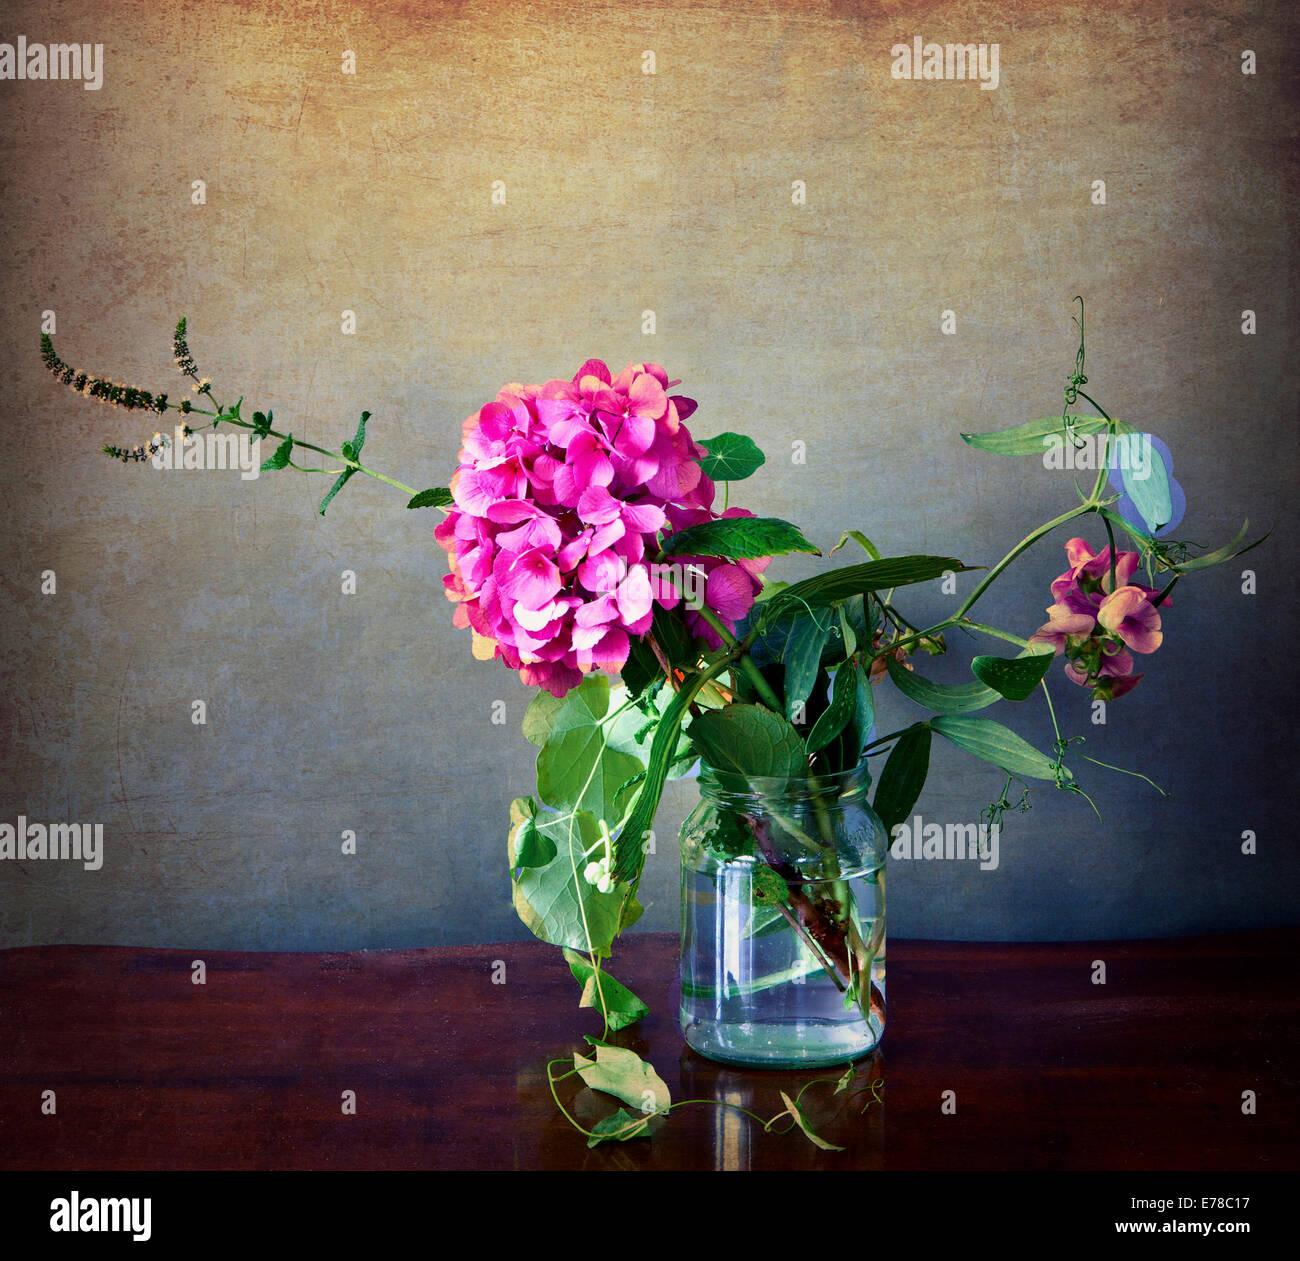 Rosa Hortensia y flores del campo en un vidrio con textura vintage y retro-como efecto añadido Instagram Foto de stock